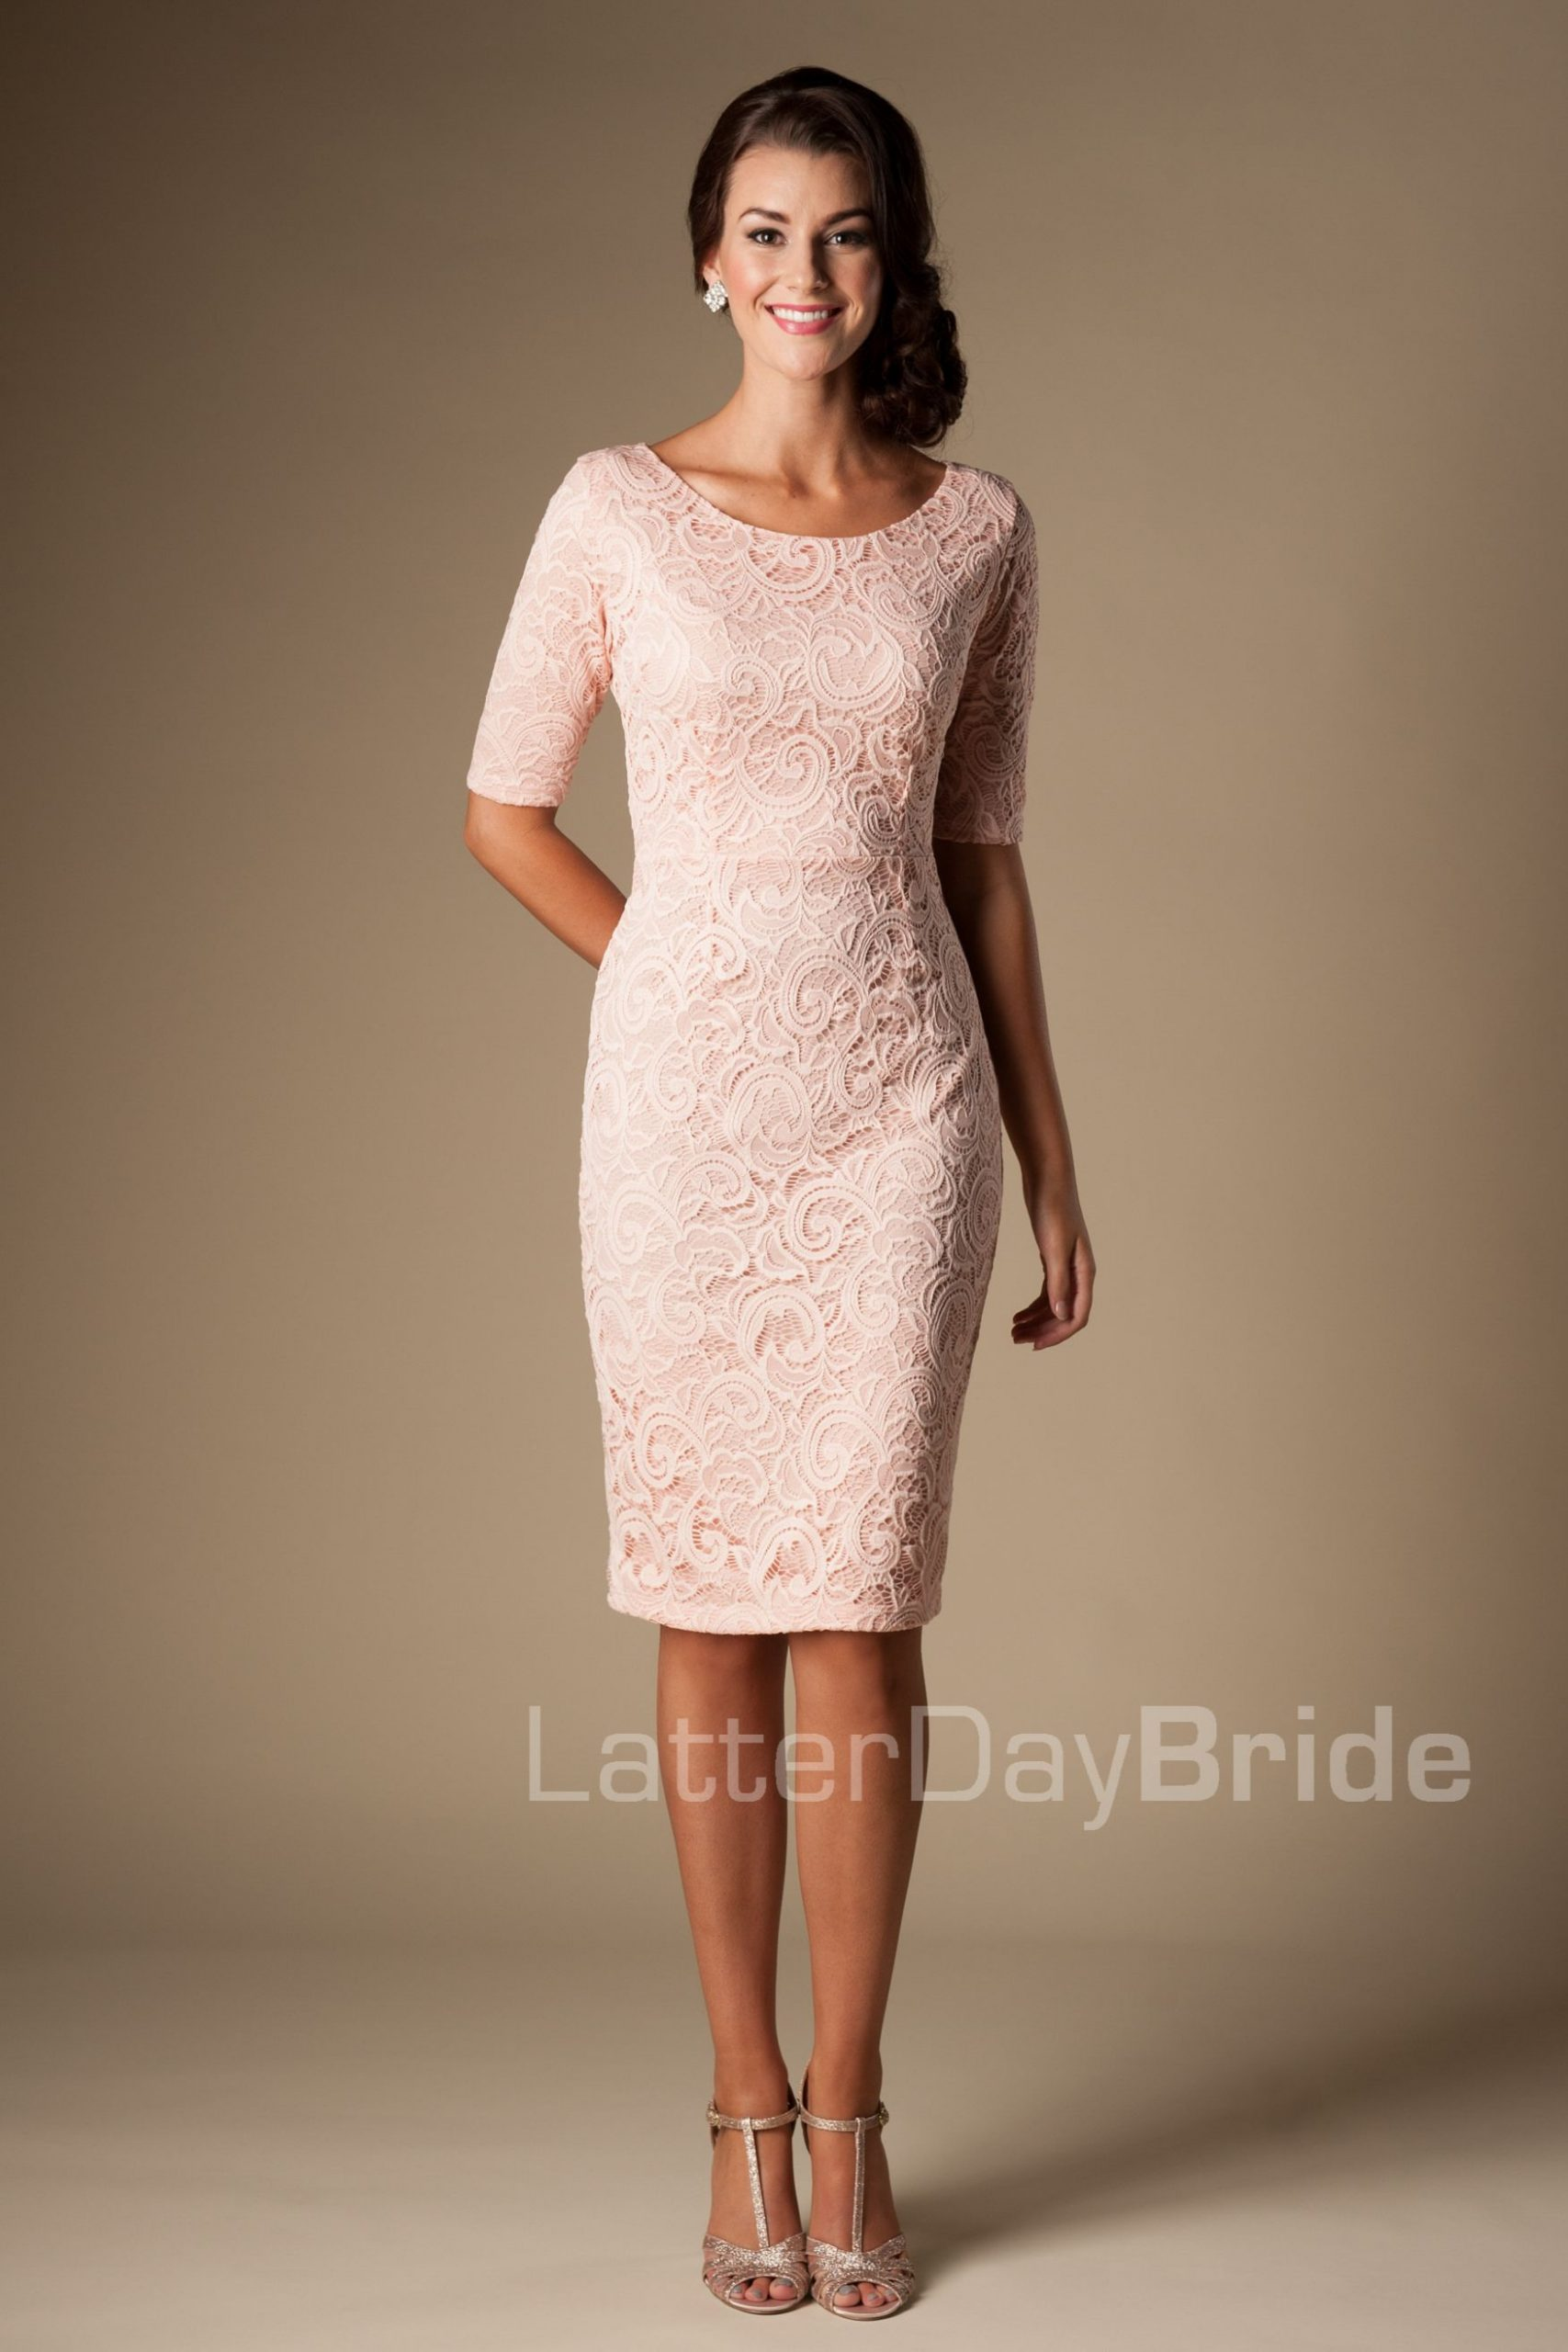 Abend Kreativ Kleider Für Hochzeit Als Gast für 201917 Coolste Kleider Für Hochzeit Als Gast Galerie